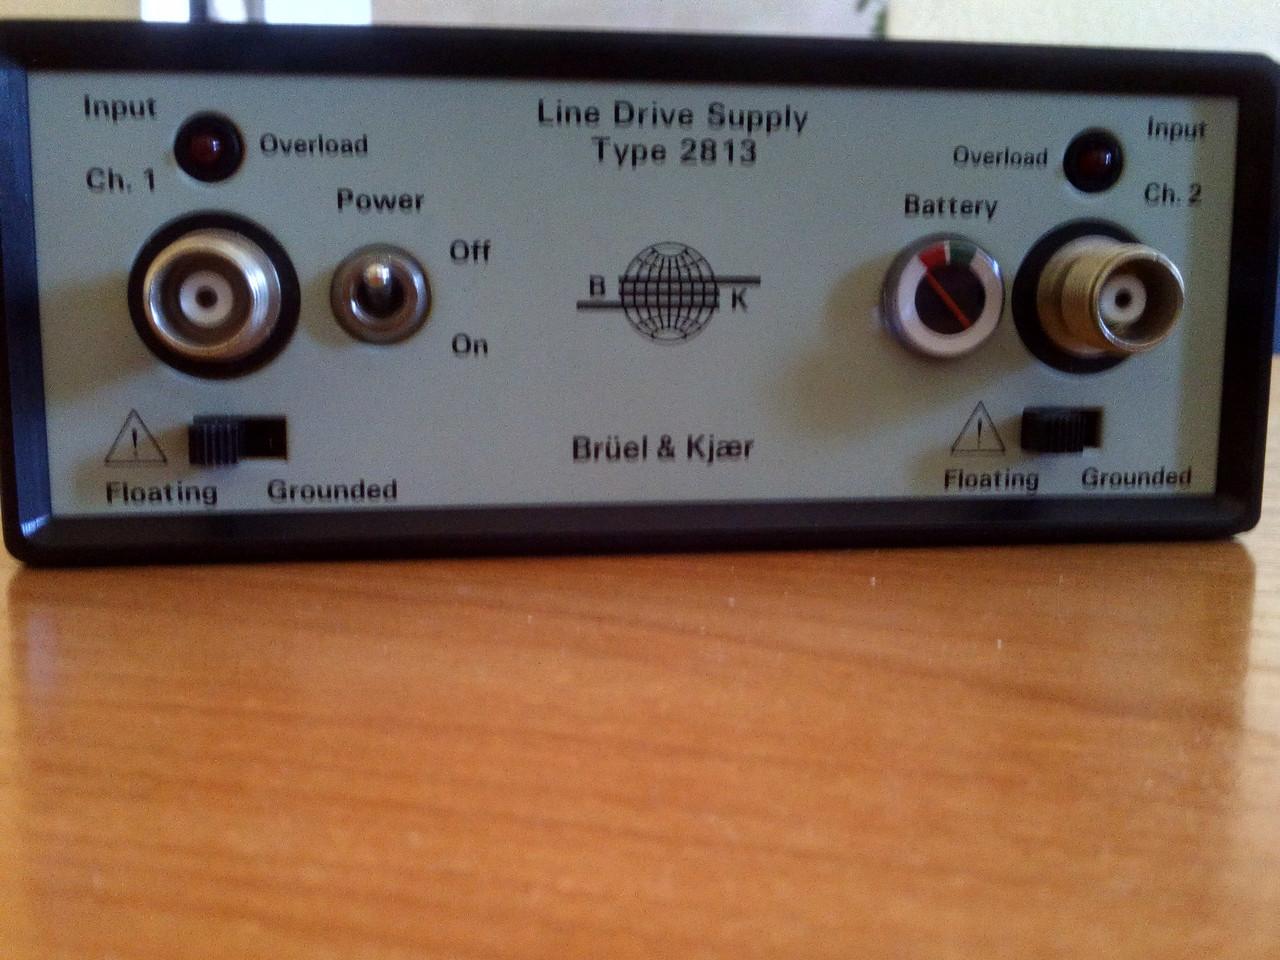 Линейный привод - Bruel & Kjaer  тип 2813